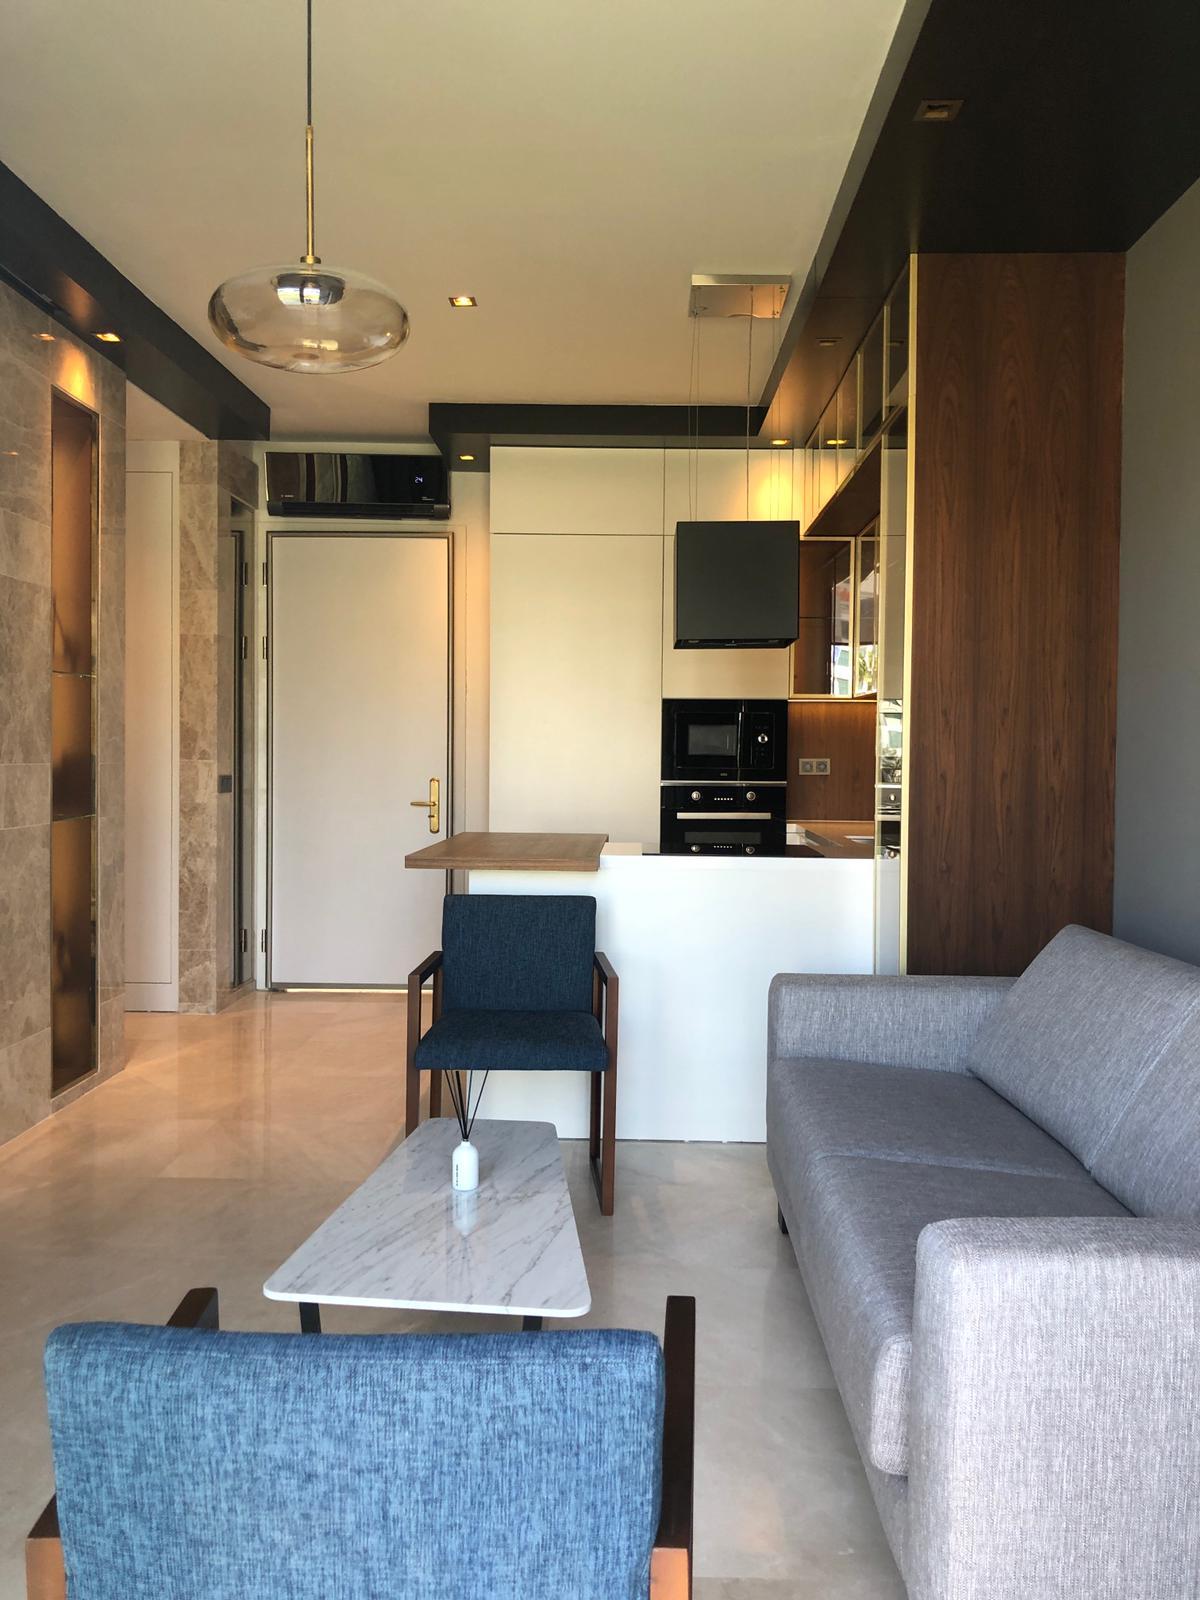 Резиденция класса люкс отельной концепции - Фото 3